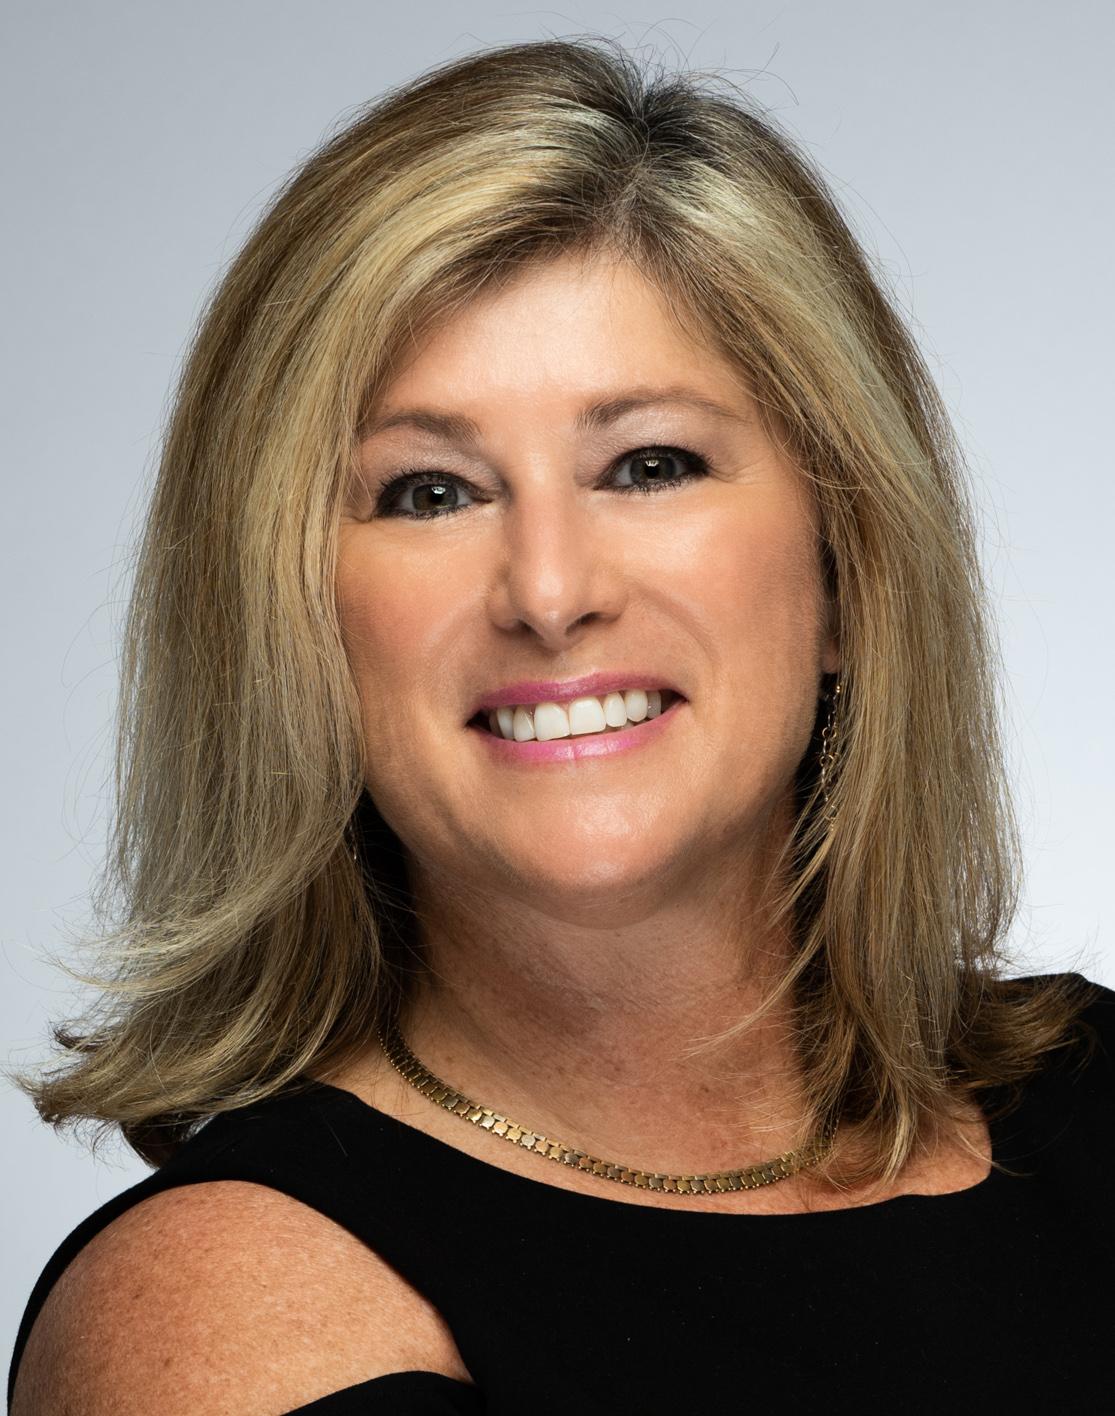 Dana Perkins